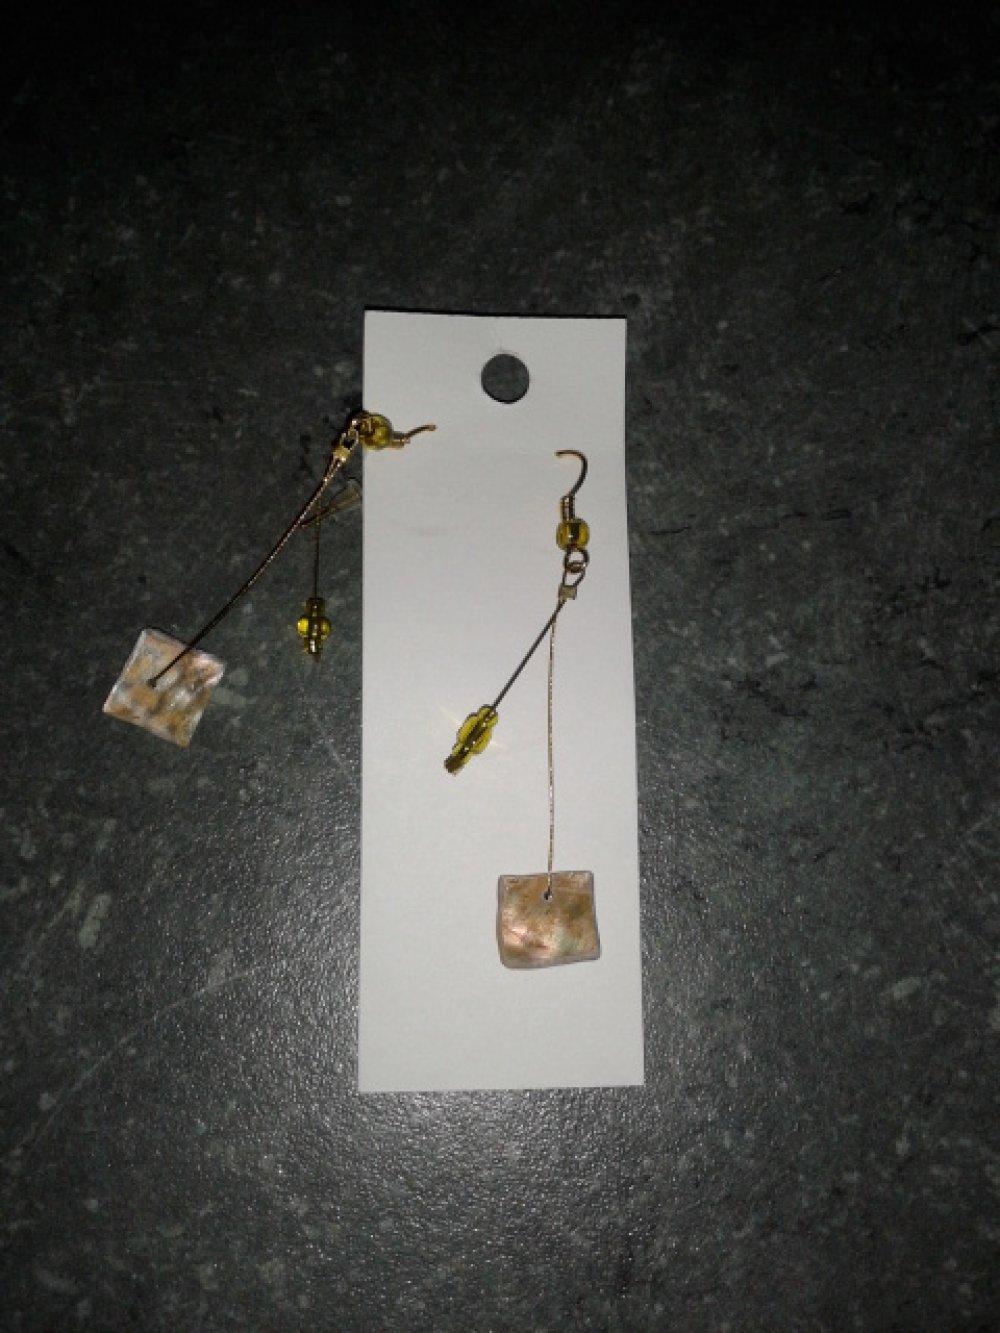 Boucle d'oreille  Nacres sur support argenté garanti sans nickel et sans plomb